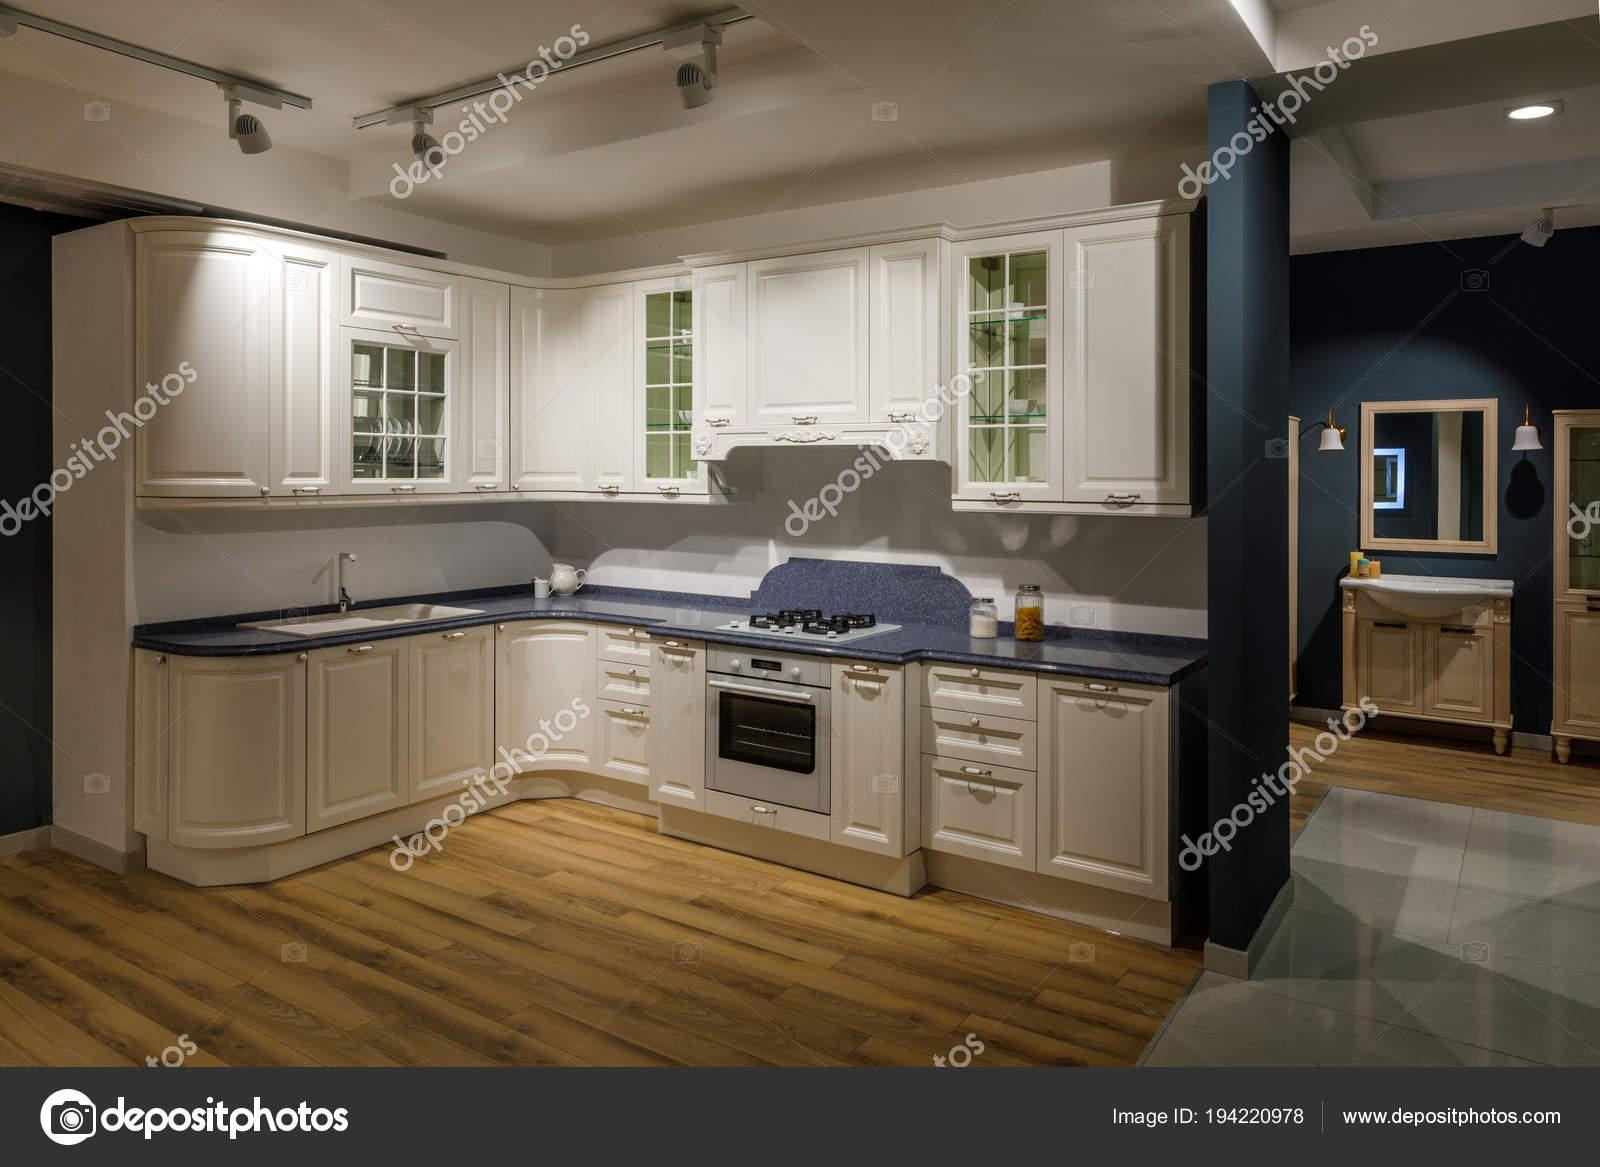 kitchen back splash bobs furniture sets 在白色和蓝色的色调翻新厨房内饰 图库照片 c antonmatyukha 194220978